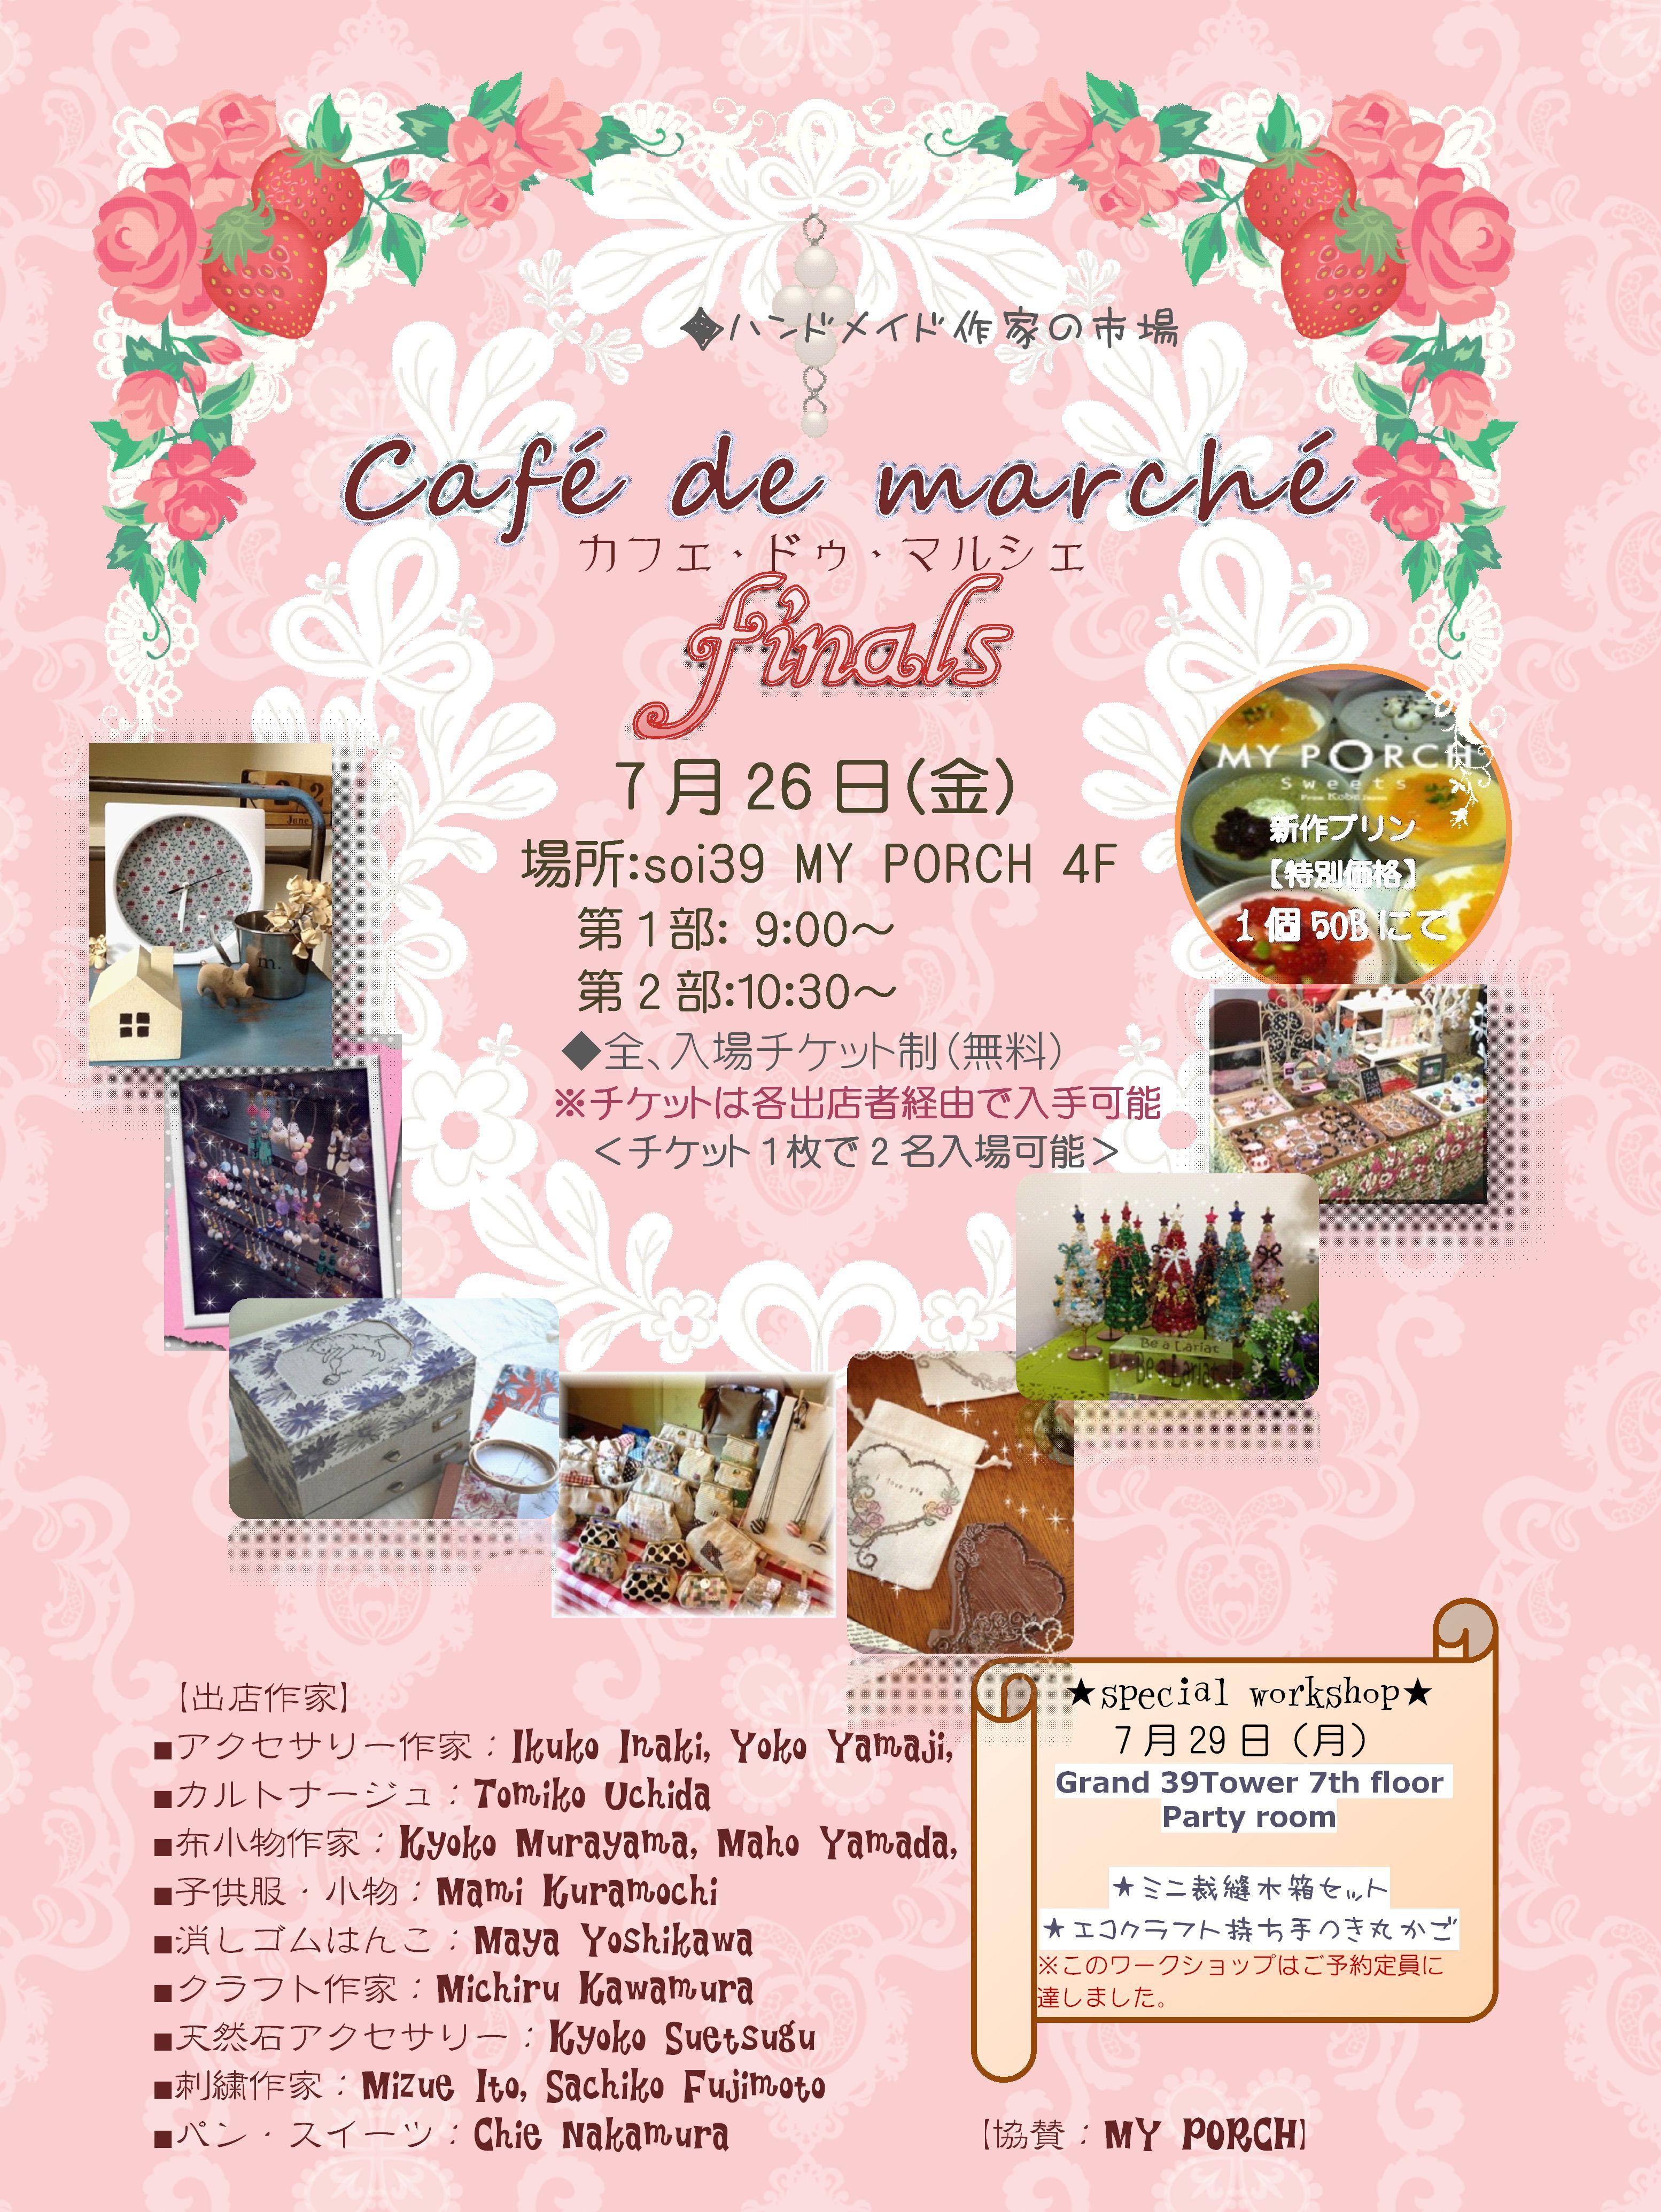 2013-7-26ファイナルCafe de Marche フライヤー